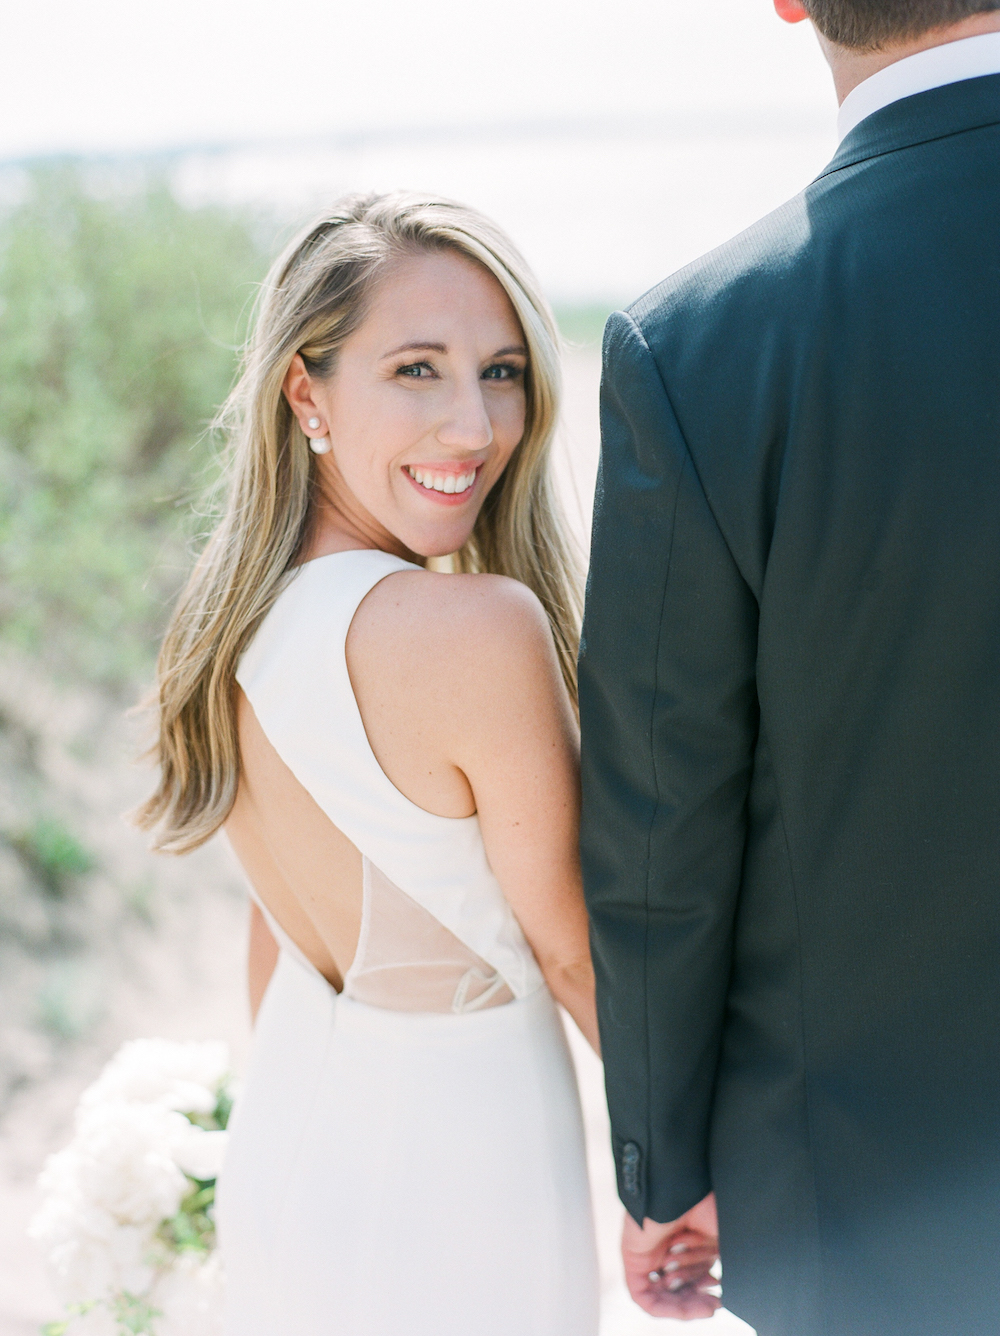 A bride smiling during her lake michigan wedding